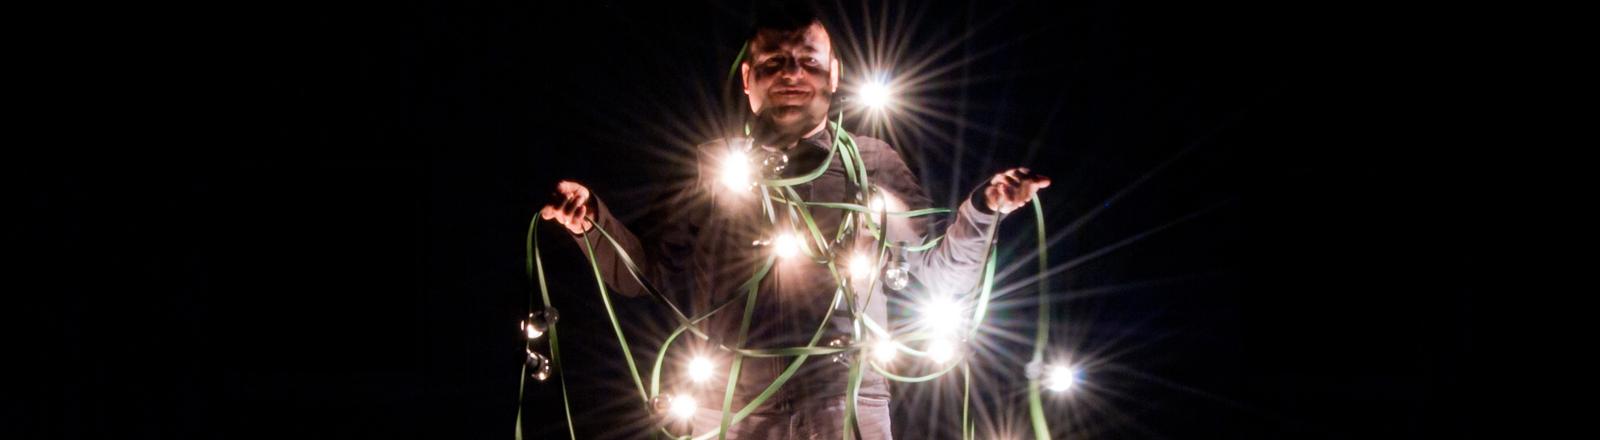 Eine Mann hält eine Lichterkette